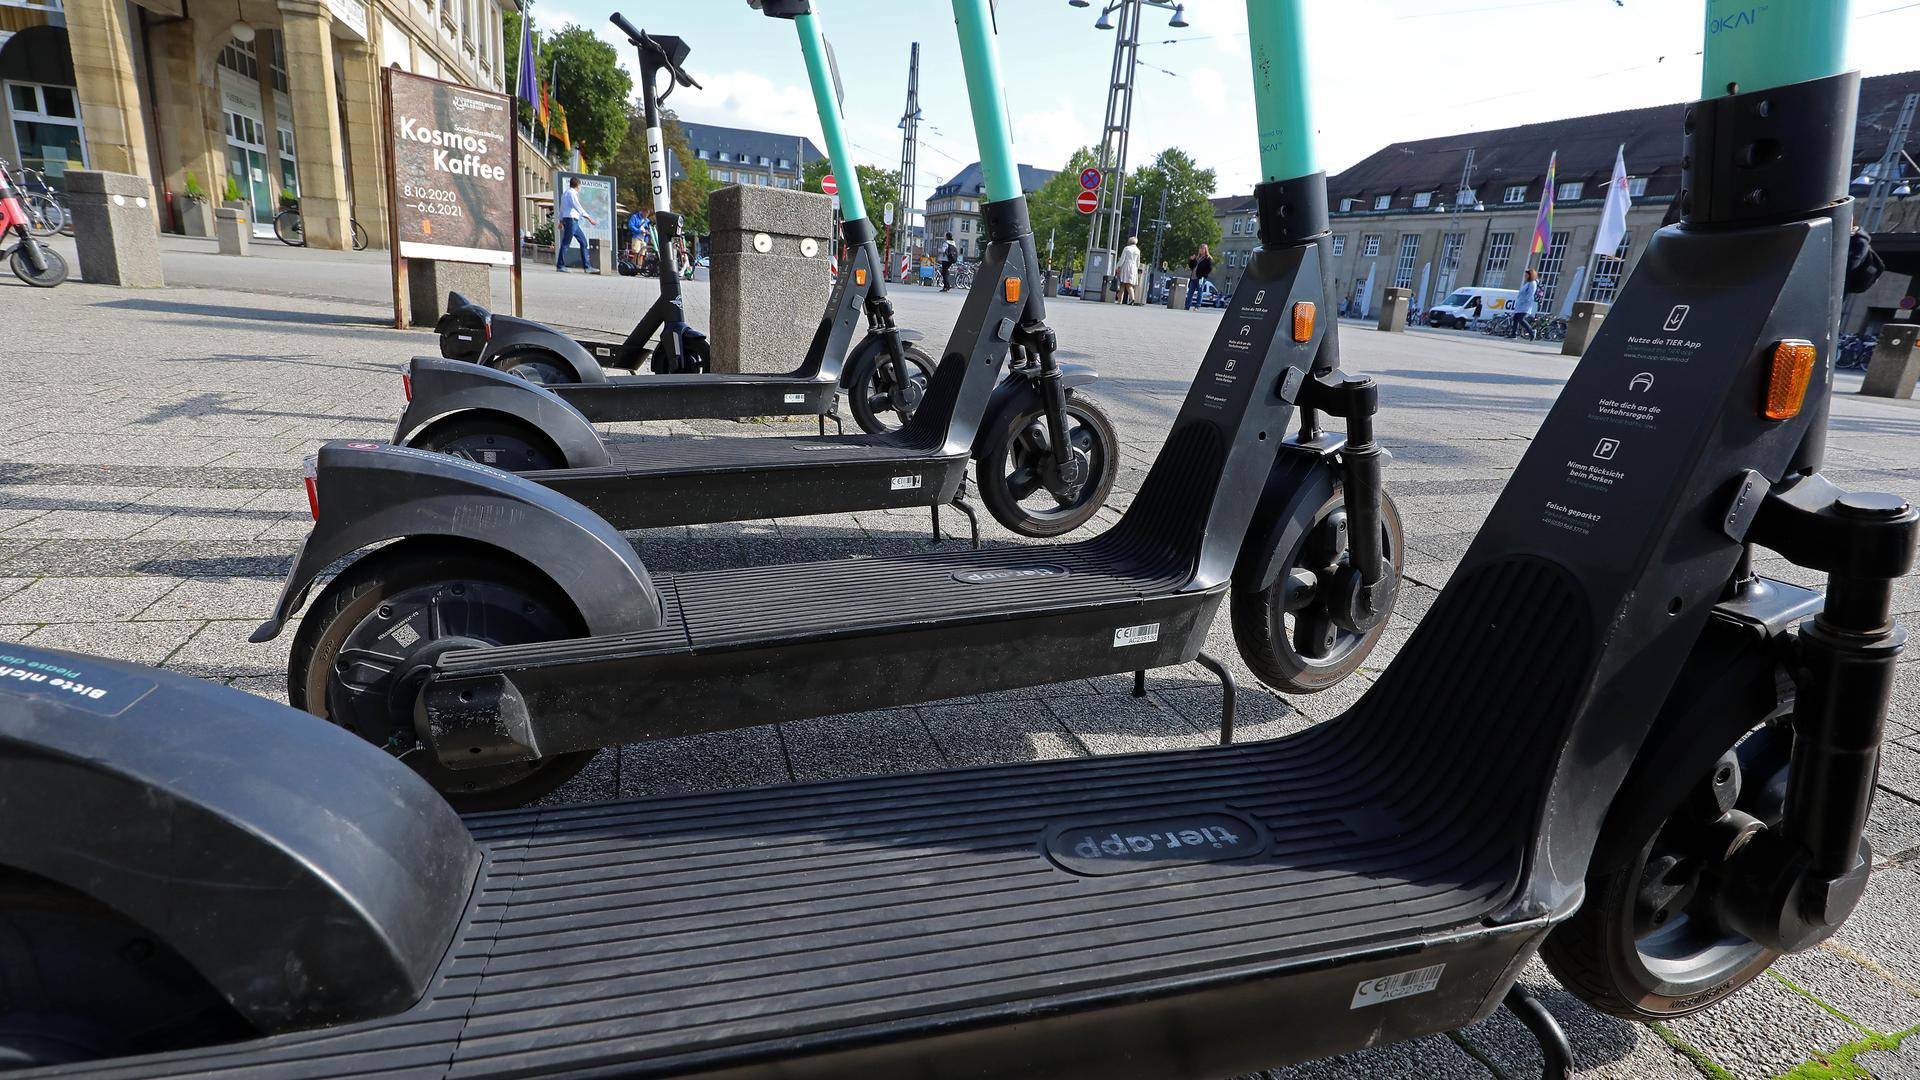 Ruhender Verkehr: Die im Stadtbild weit verbreiteten E-Scooter werden mitunter von ihren Nutzern rücksichtslos geparkt. Auch alkoholisierte Nutzer sind  ein Problem.